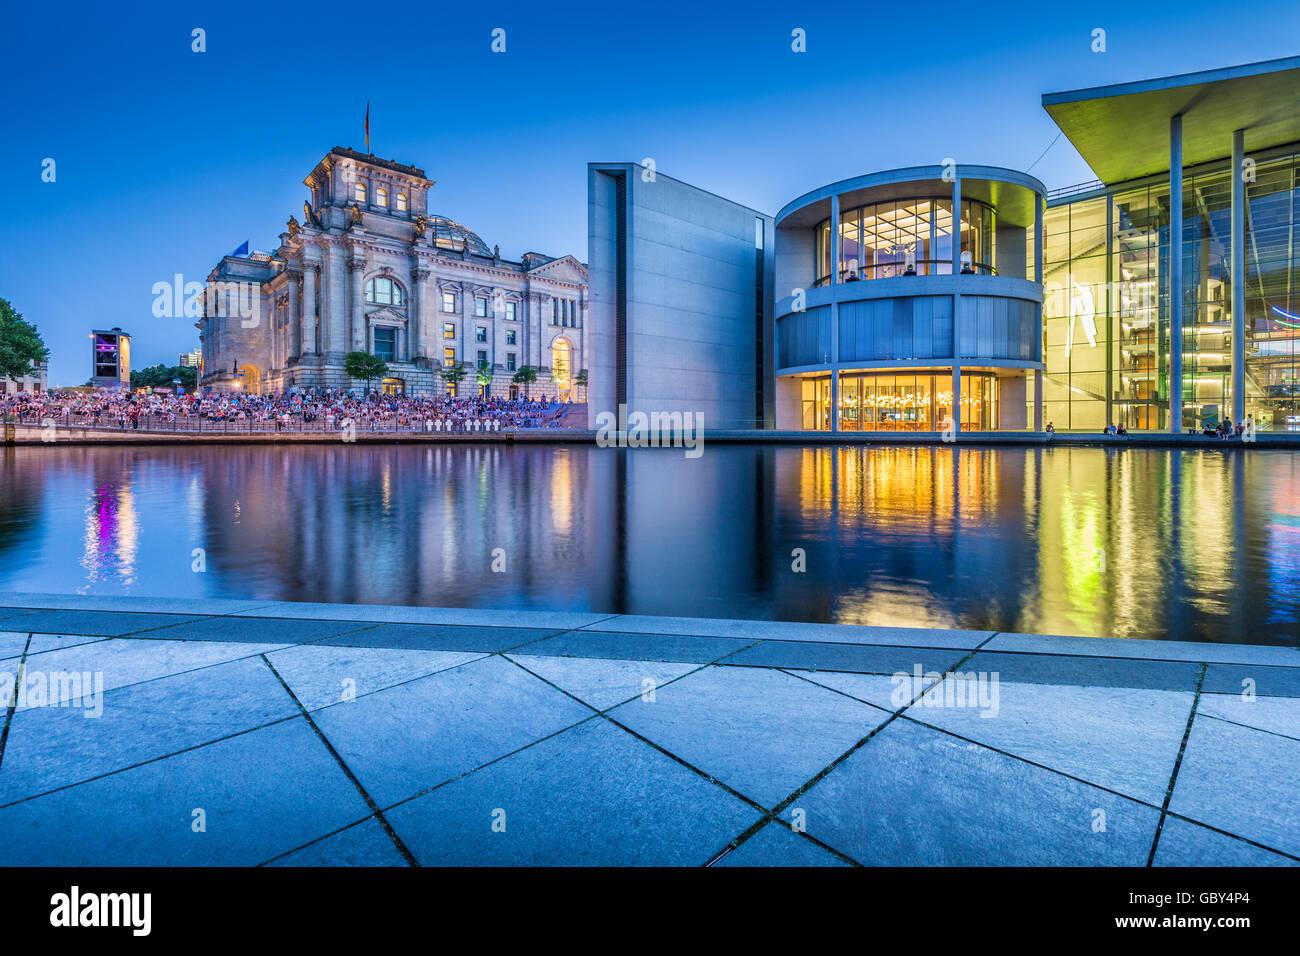 Vista clásica del moderno distrito gubernamental de Berlín con el famoso edificio Reichstag y Paul lóbulo Imagen De Stock